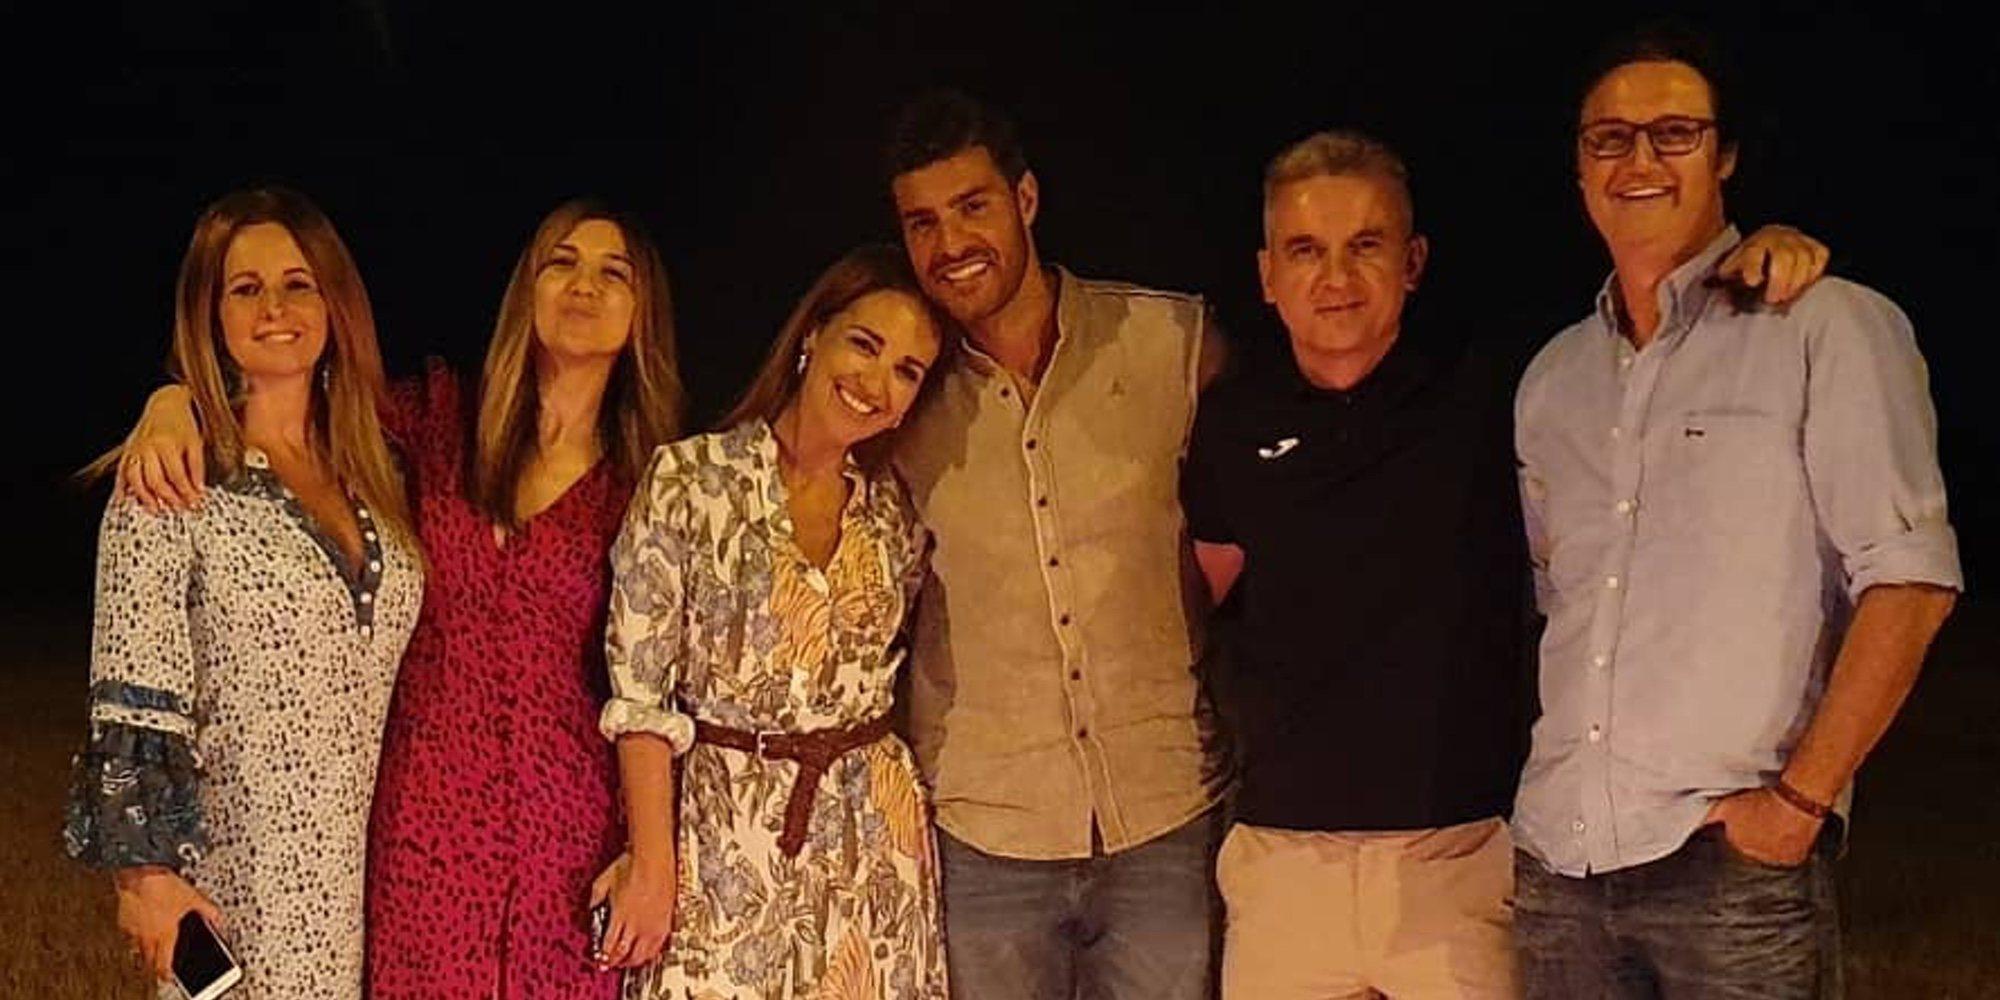 Paula Echevarría y Miguel Torres disfrutan de la noche de San Juan con Poty Castillo y otros amigos